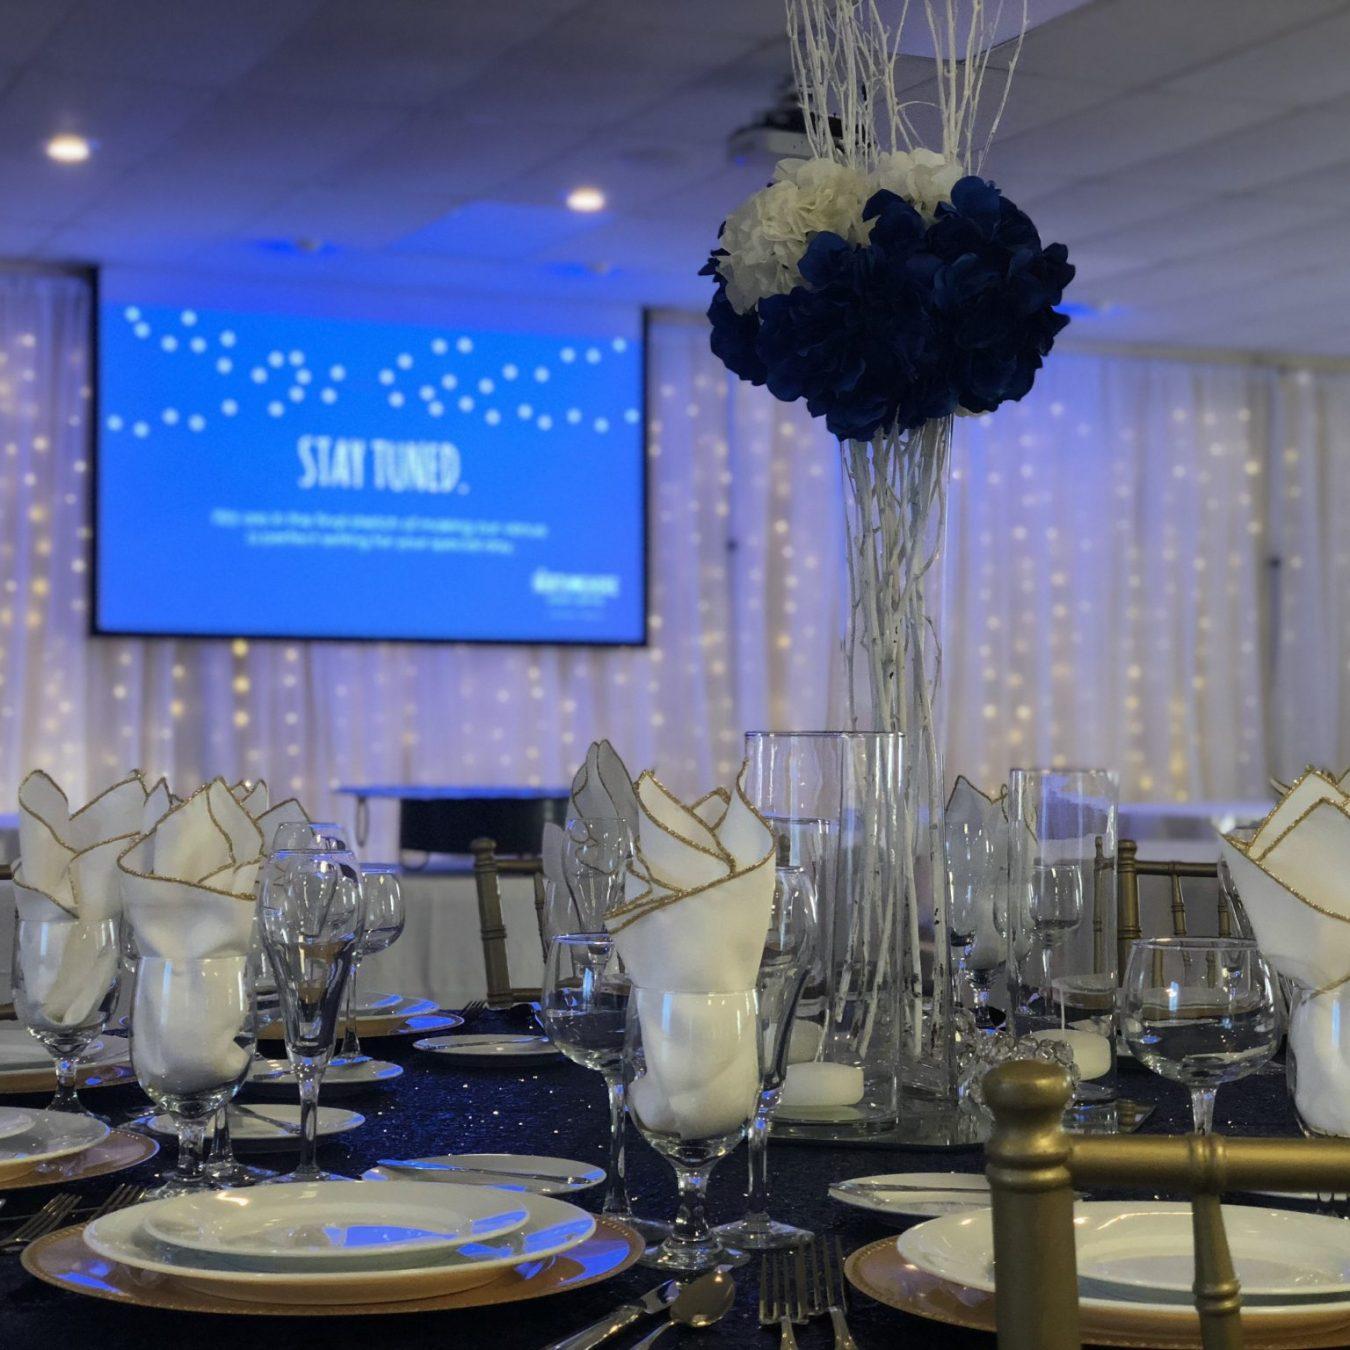 Coeur D Alene Outdoor Wedding Venues: Outdoor Wedding Venues Benton Harbor MI